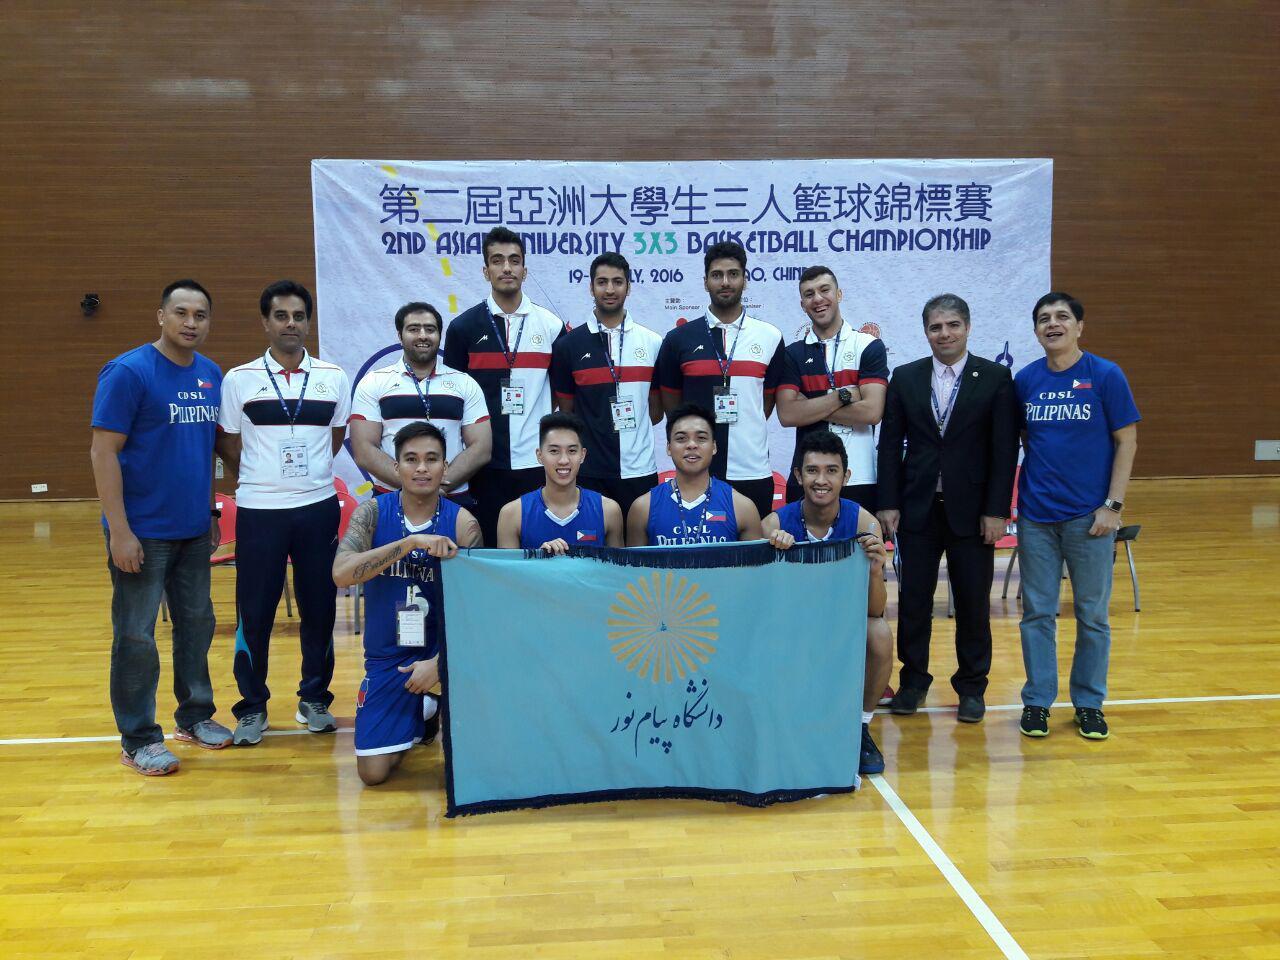 رقابتهای بسکتبال 3*3 دانشجویان دانشگاههای آسیا با شروع طوفانی بسکتبالیست های دانشگاه پیام نور مقابل تیم برونئی آغاز شد.